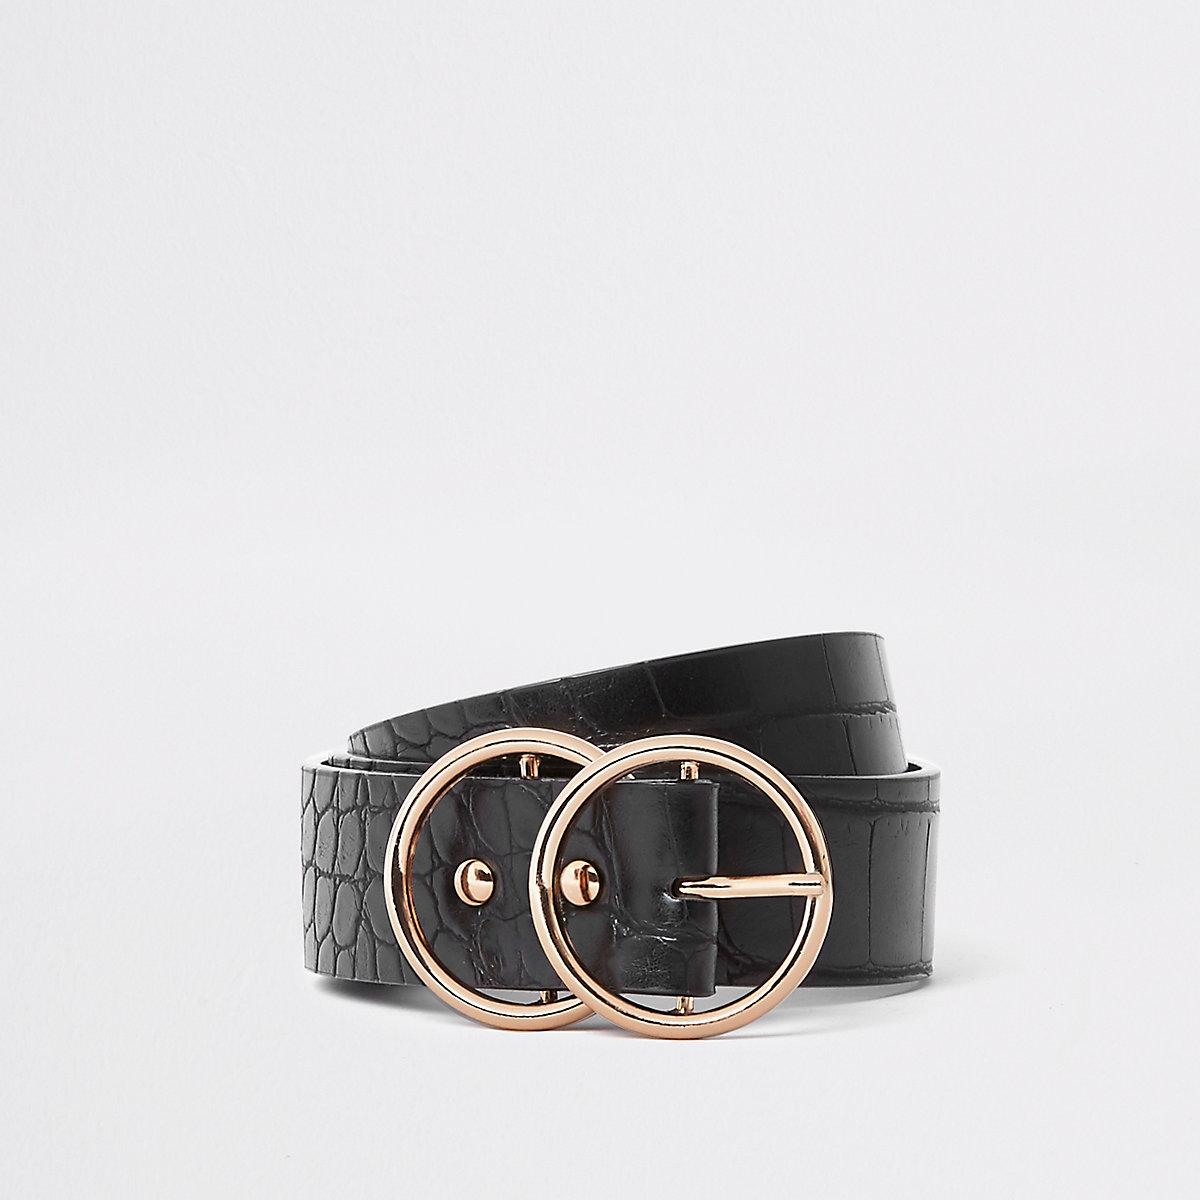 Zwarte riem met dubbele ring en krokodillenprint in reliëf